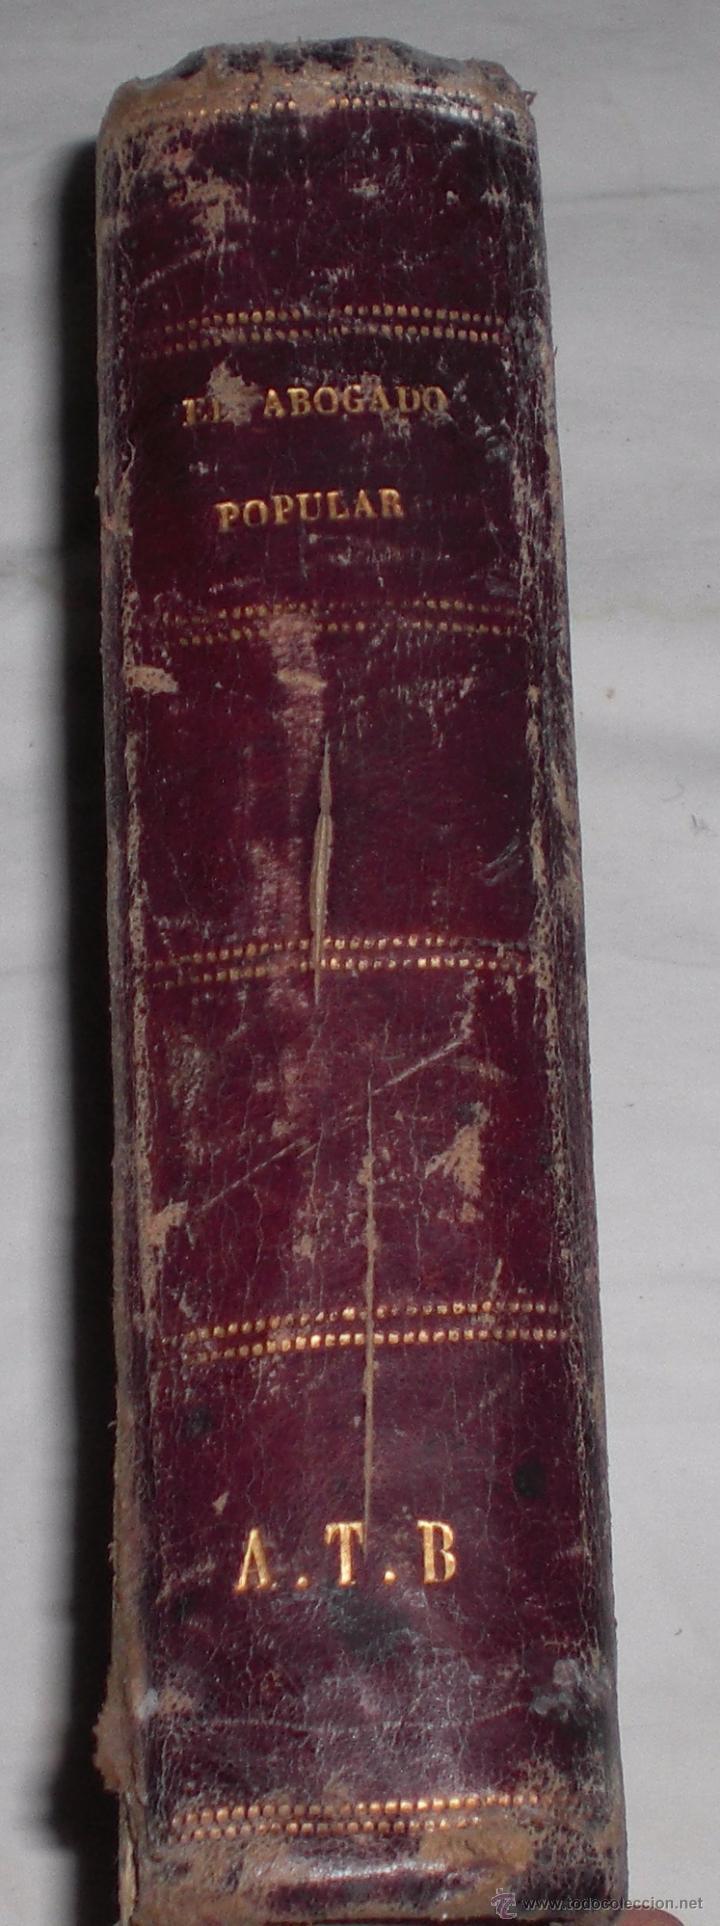 EL ABOGADO POPULAR 1890 (Libros Antiguos, Raros y Curiosos - Ciencias, Manuales y Oficios - Derecho, Economía y Comercio)